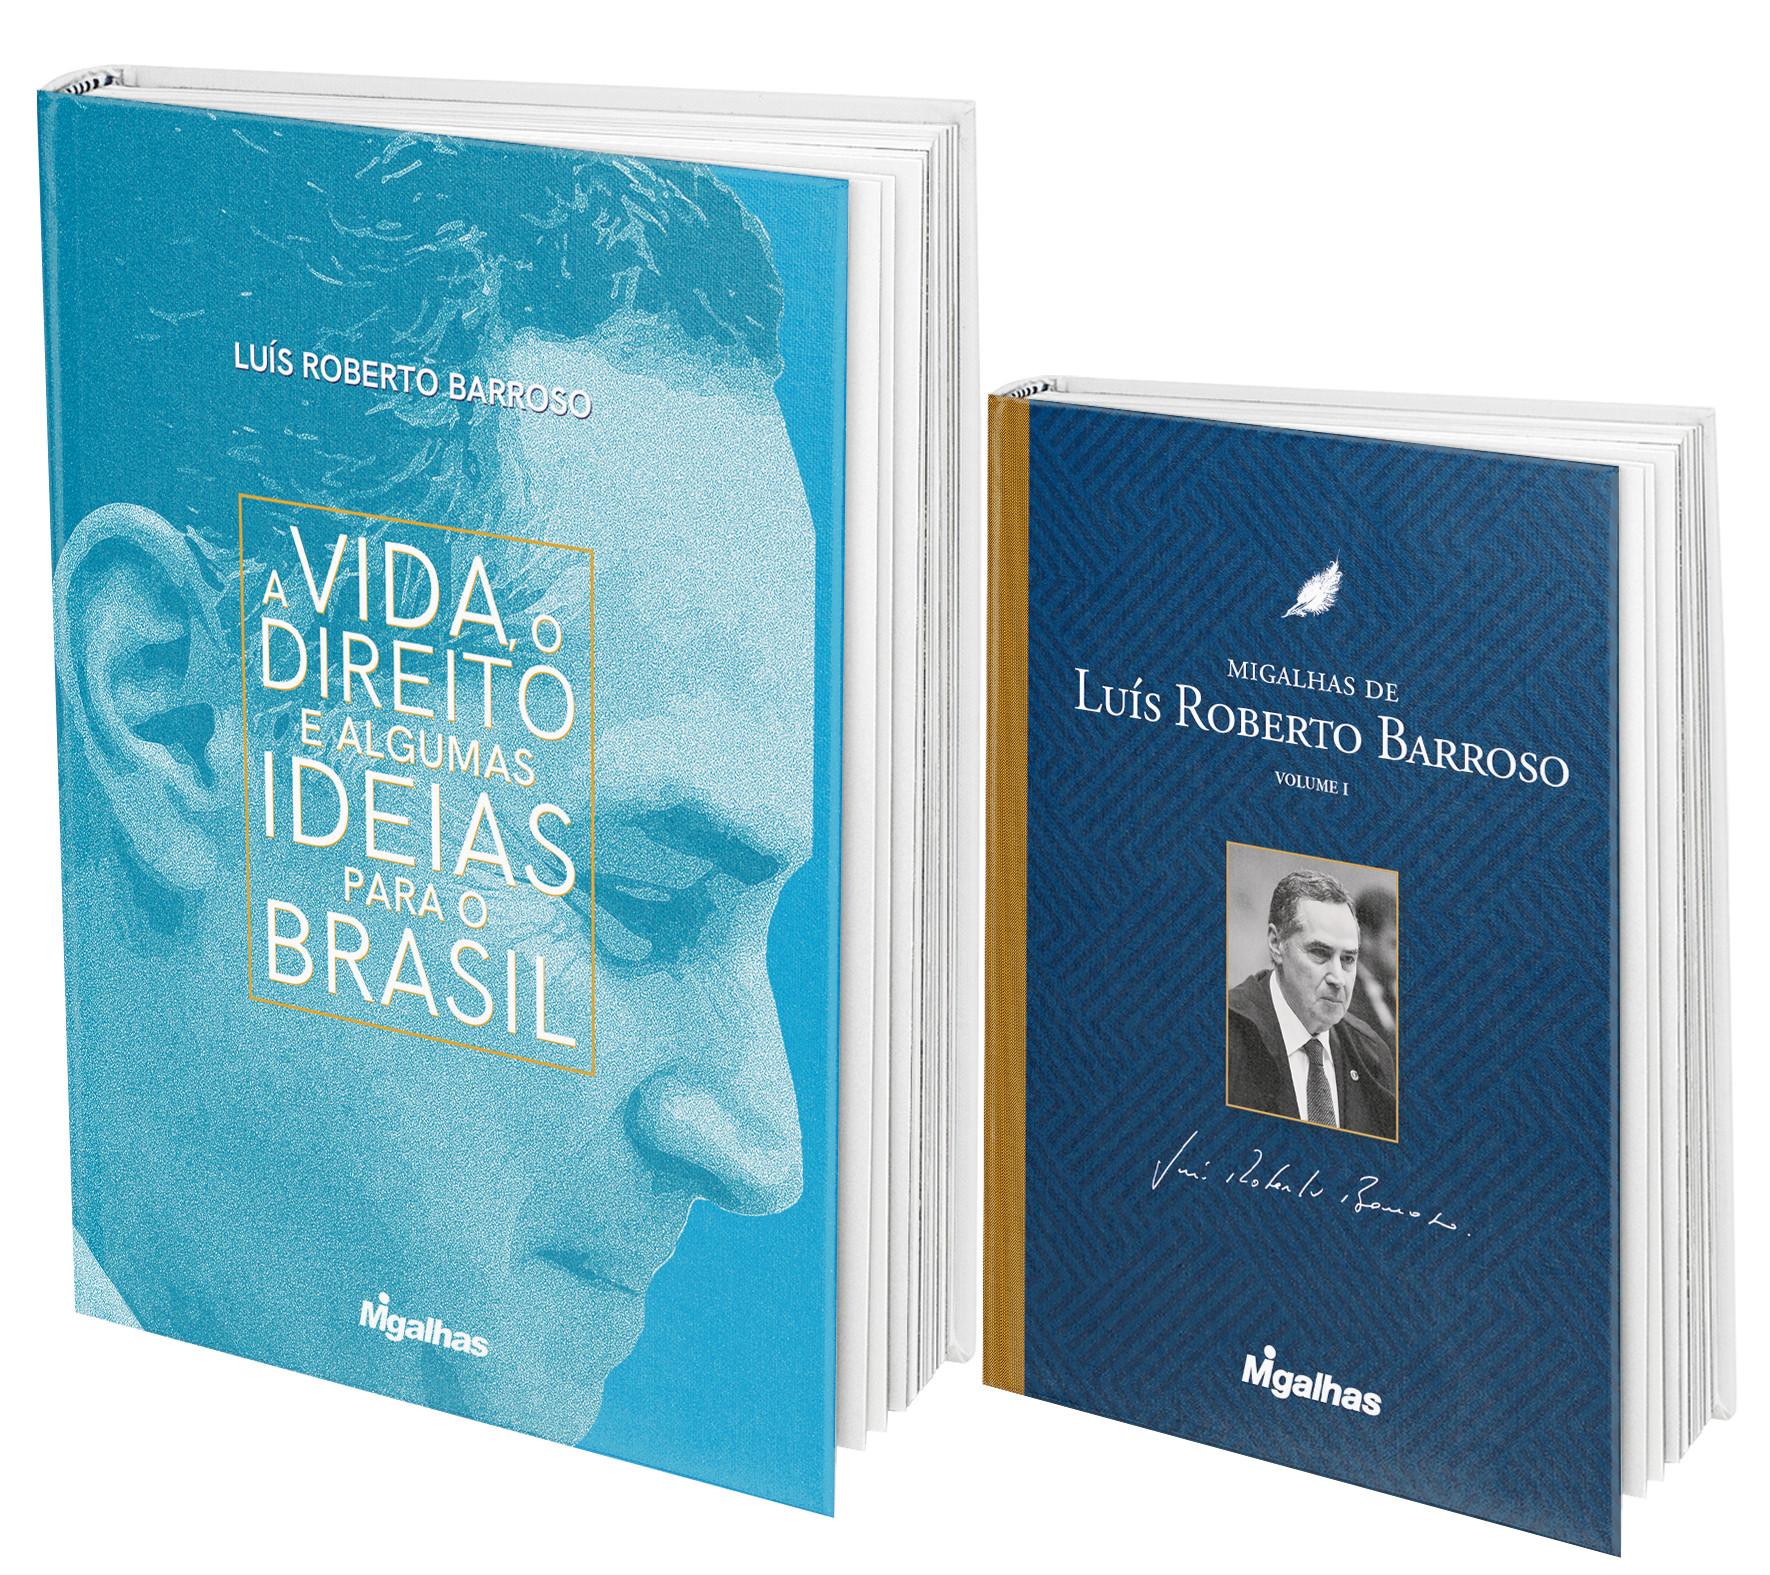 A Vida, o Direito e algumas ideias para o Brasil + Migalhas de Luís Roberto Barroso